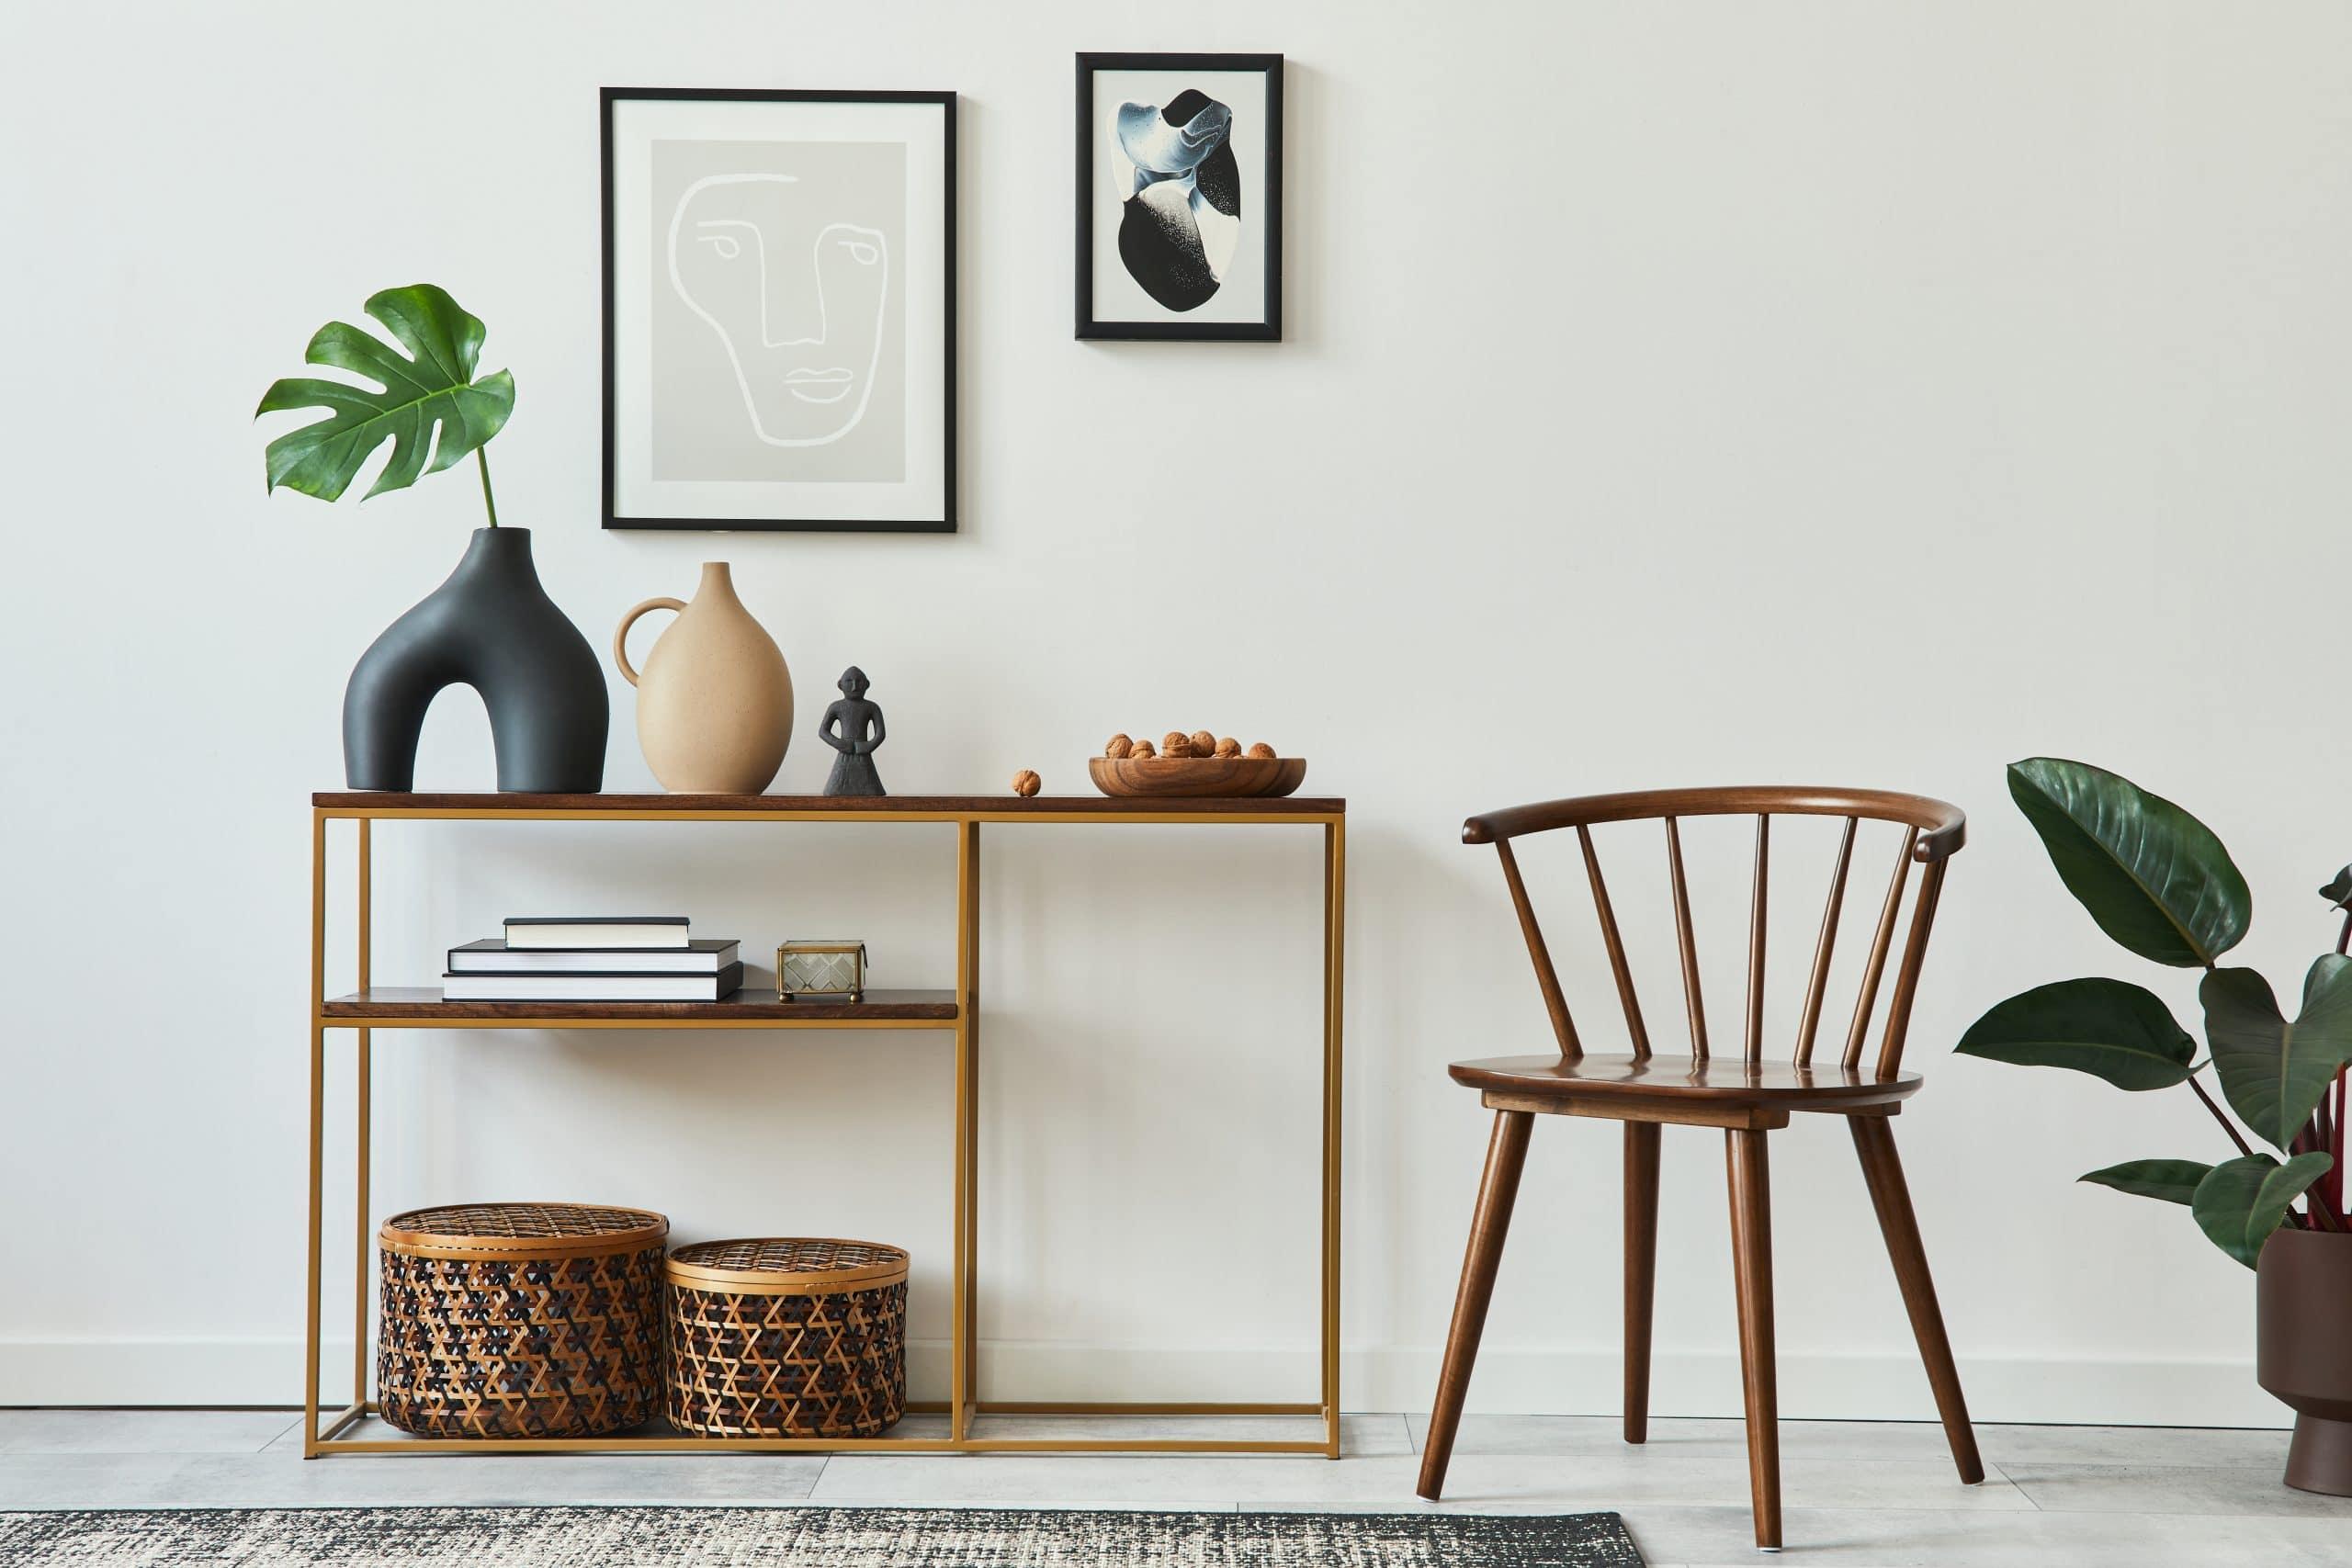 Comment décorer son meuble console ?